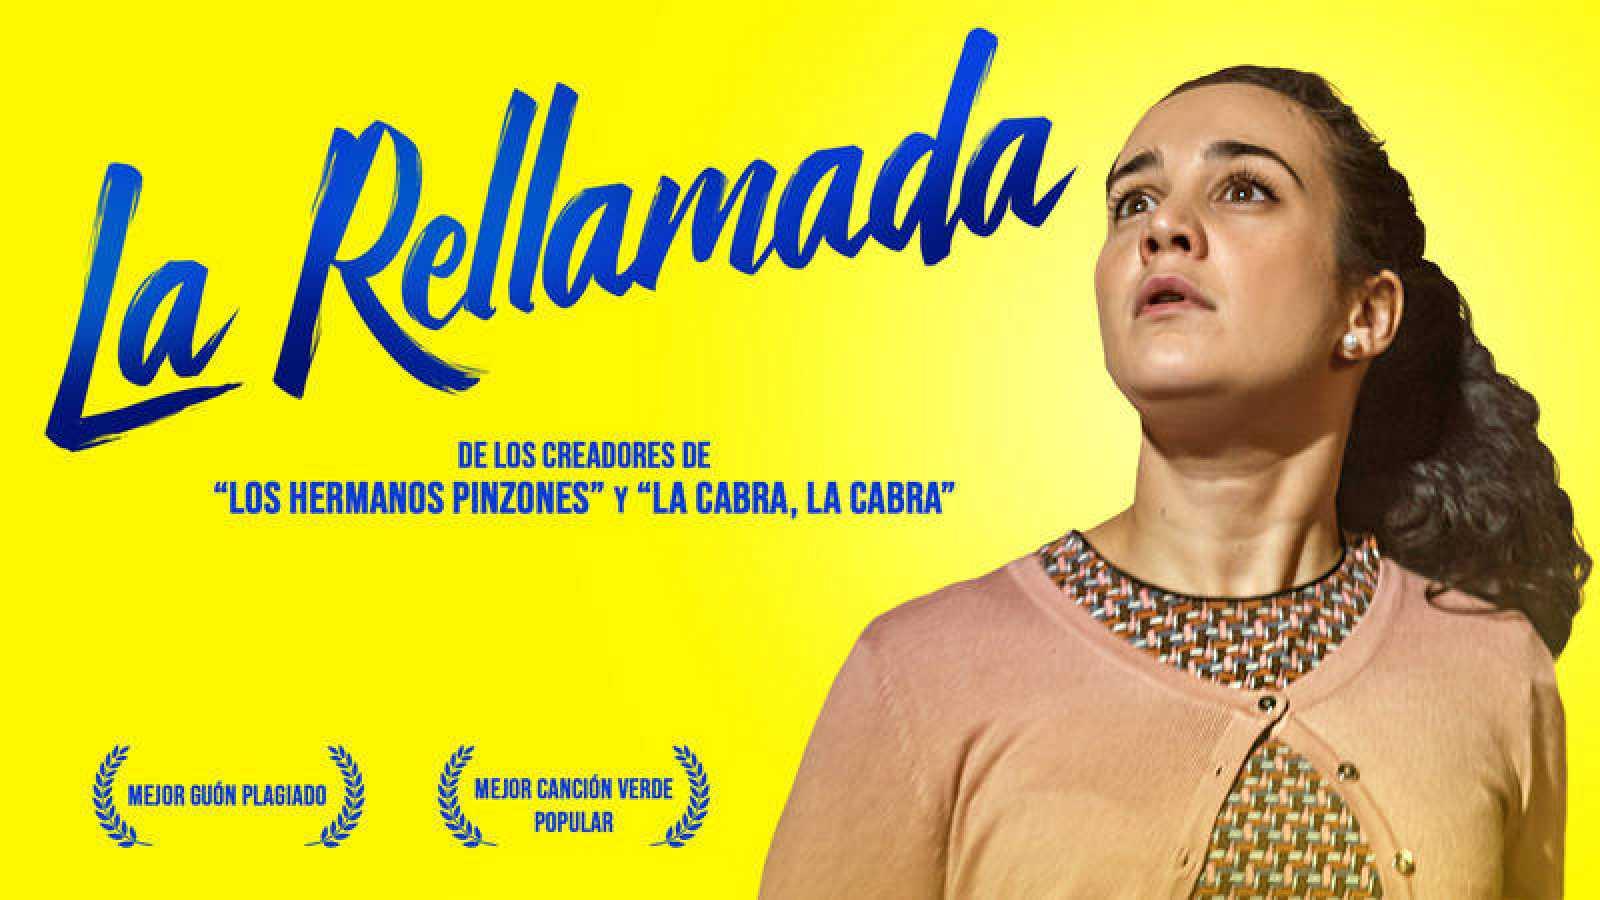 'La Rellamada', portada de uno de los trailers de la nueva temporada de Neverfilms